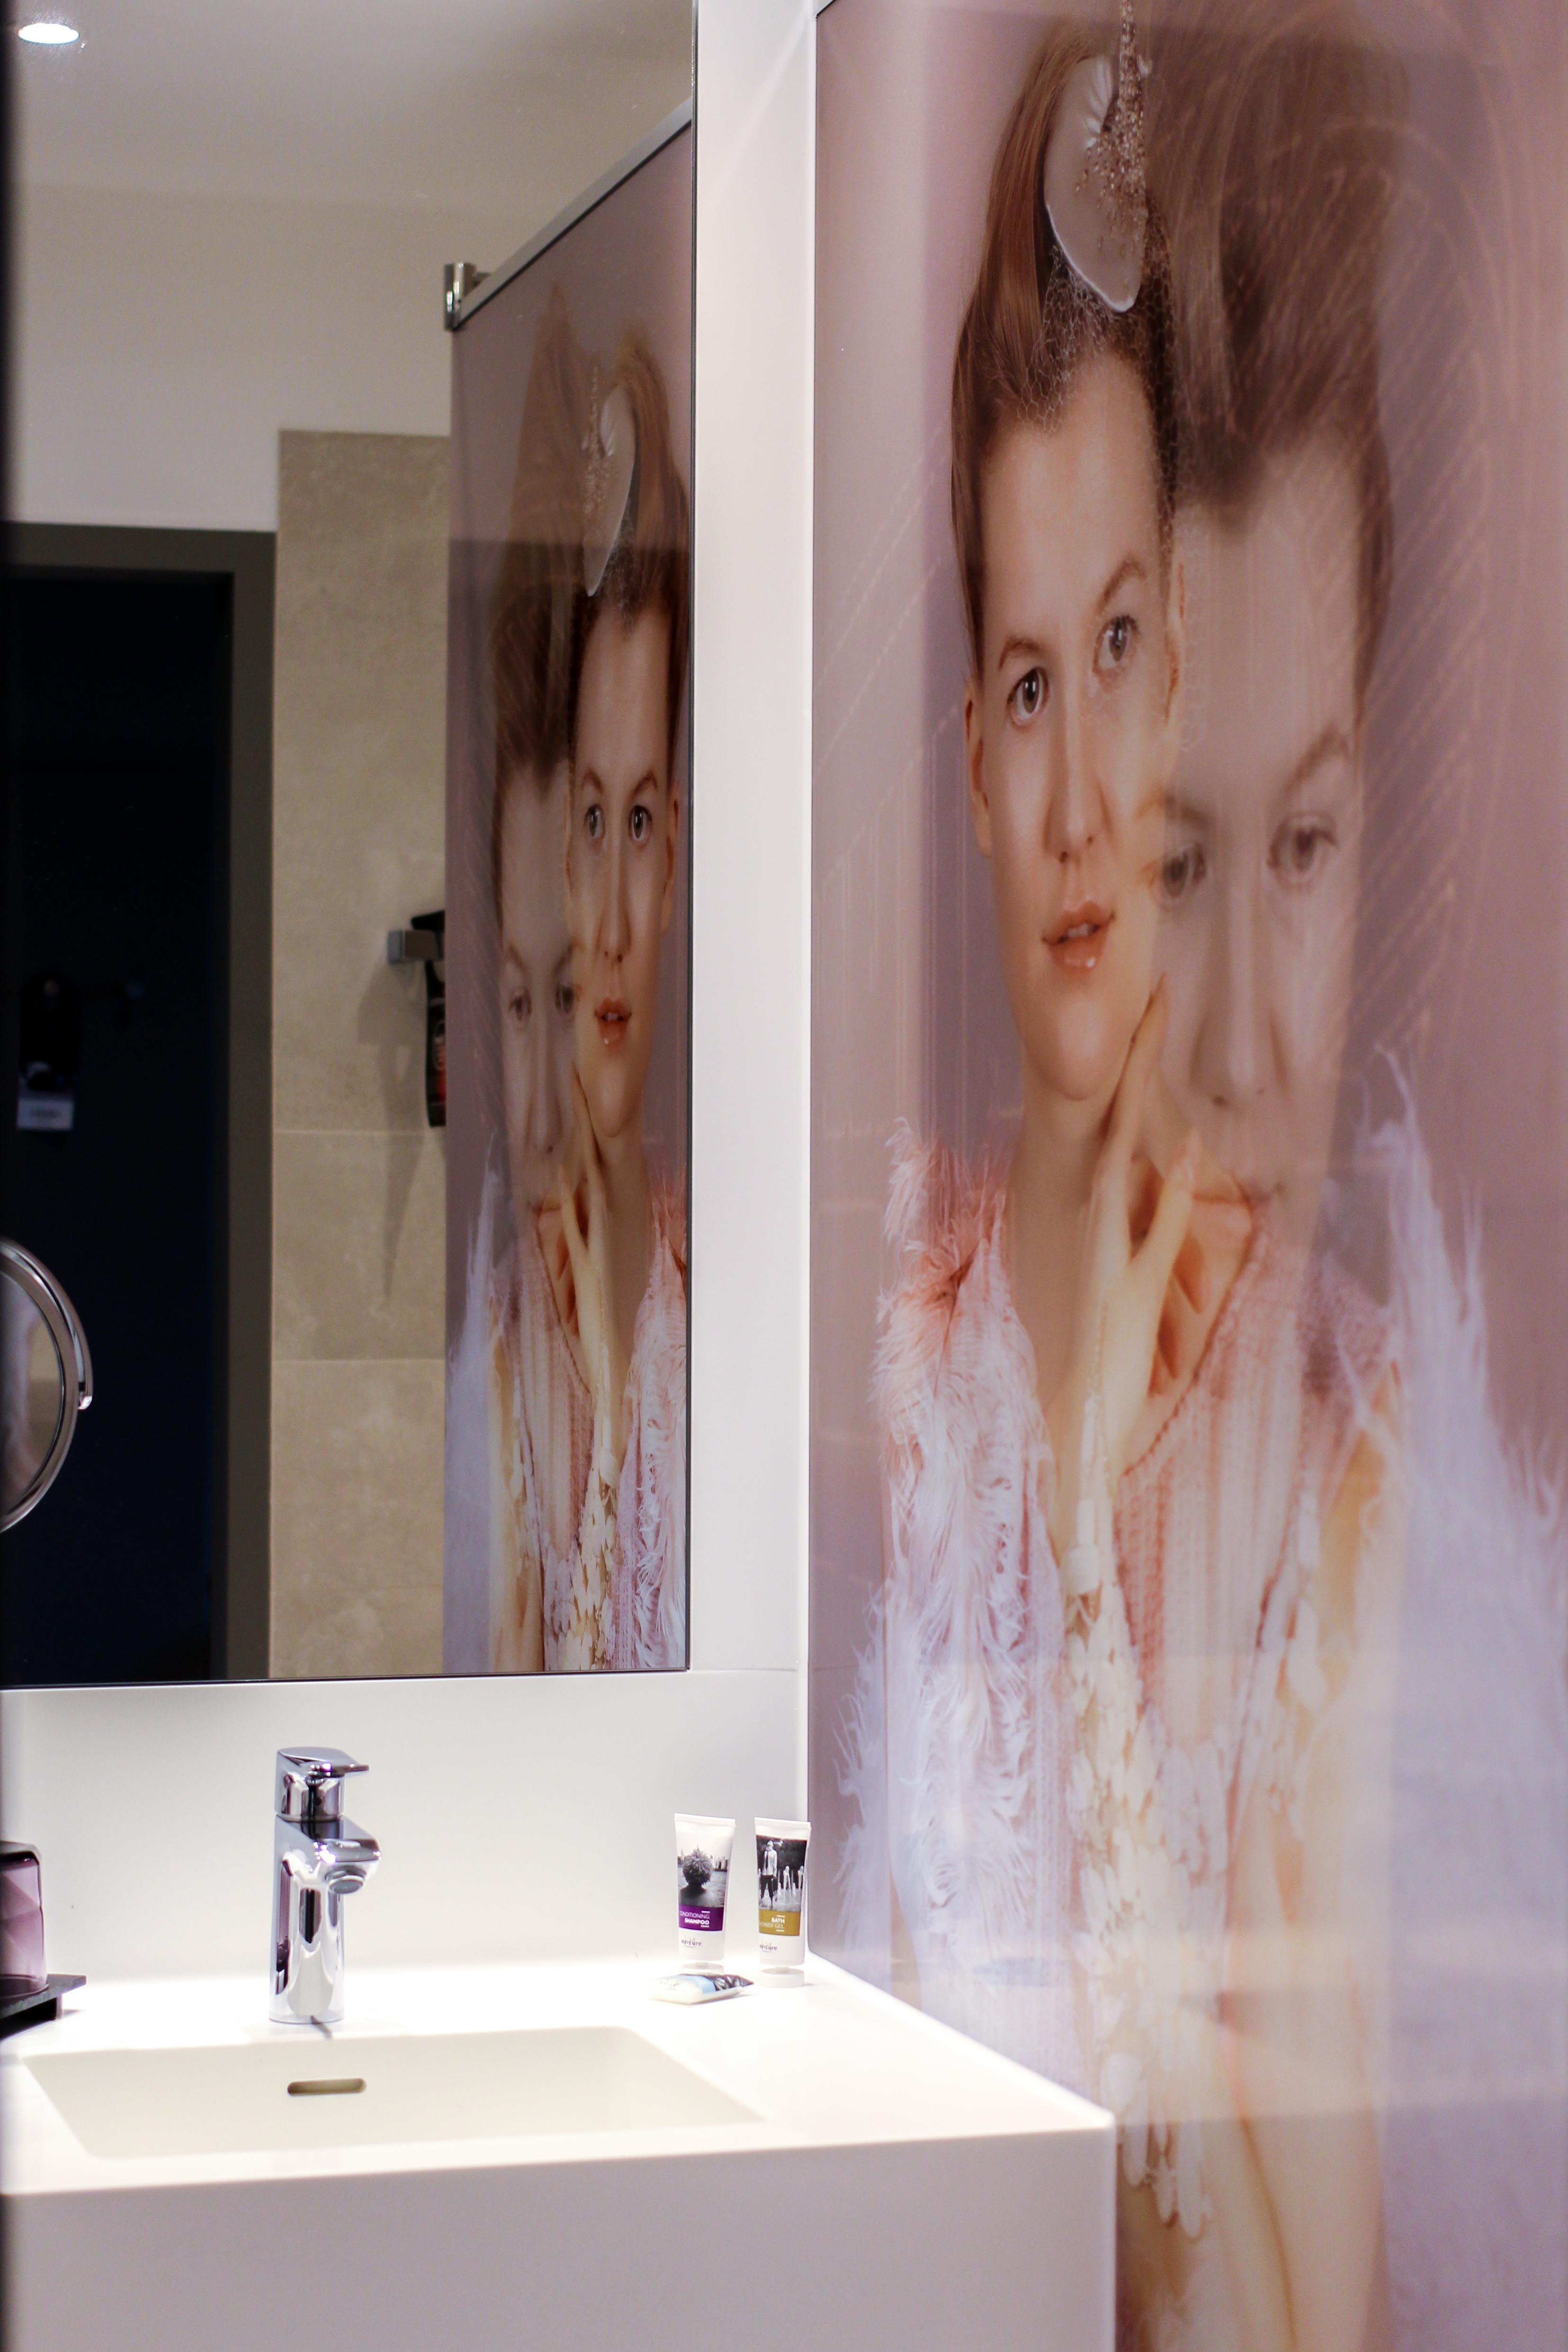 Mein Hotel zur Fashion Week Mercure Hotel Berlin Wittenbergplatz Berlins Trend-Hotel Modeblogger Zimmer Badezimmer